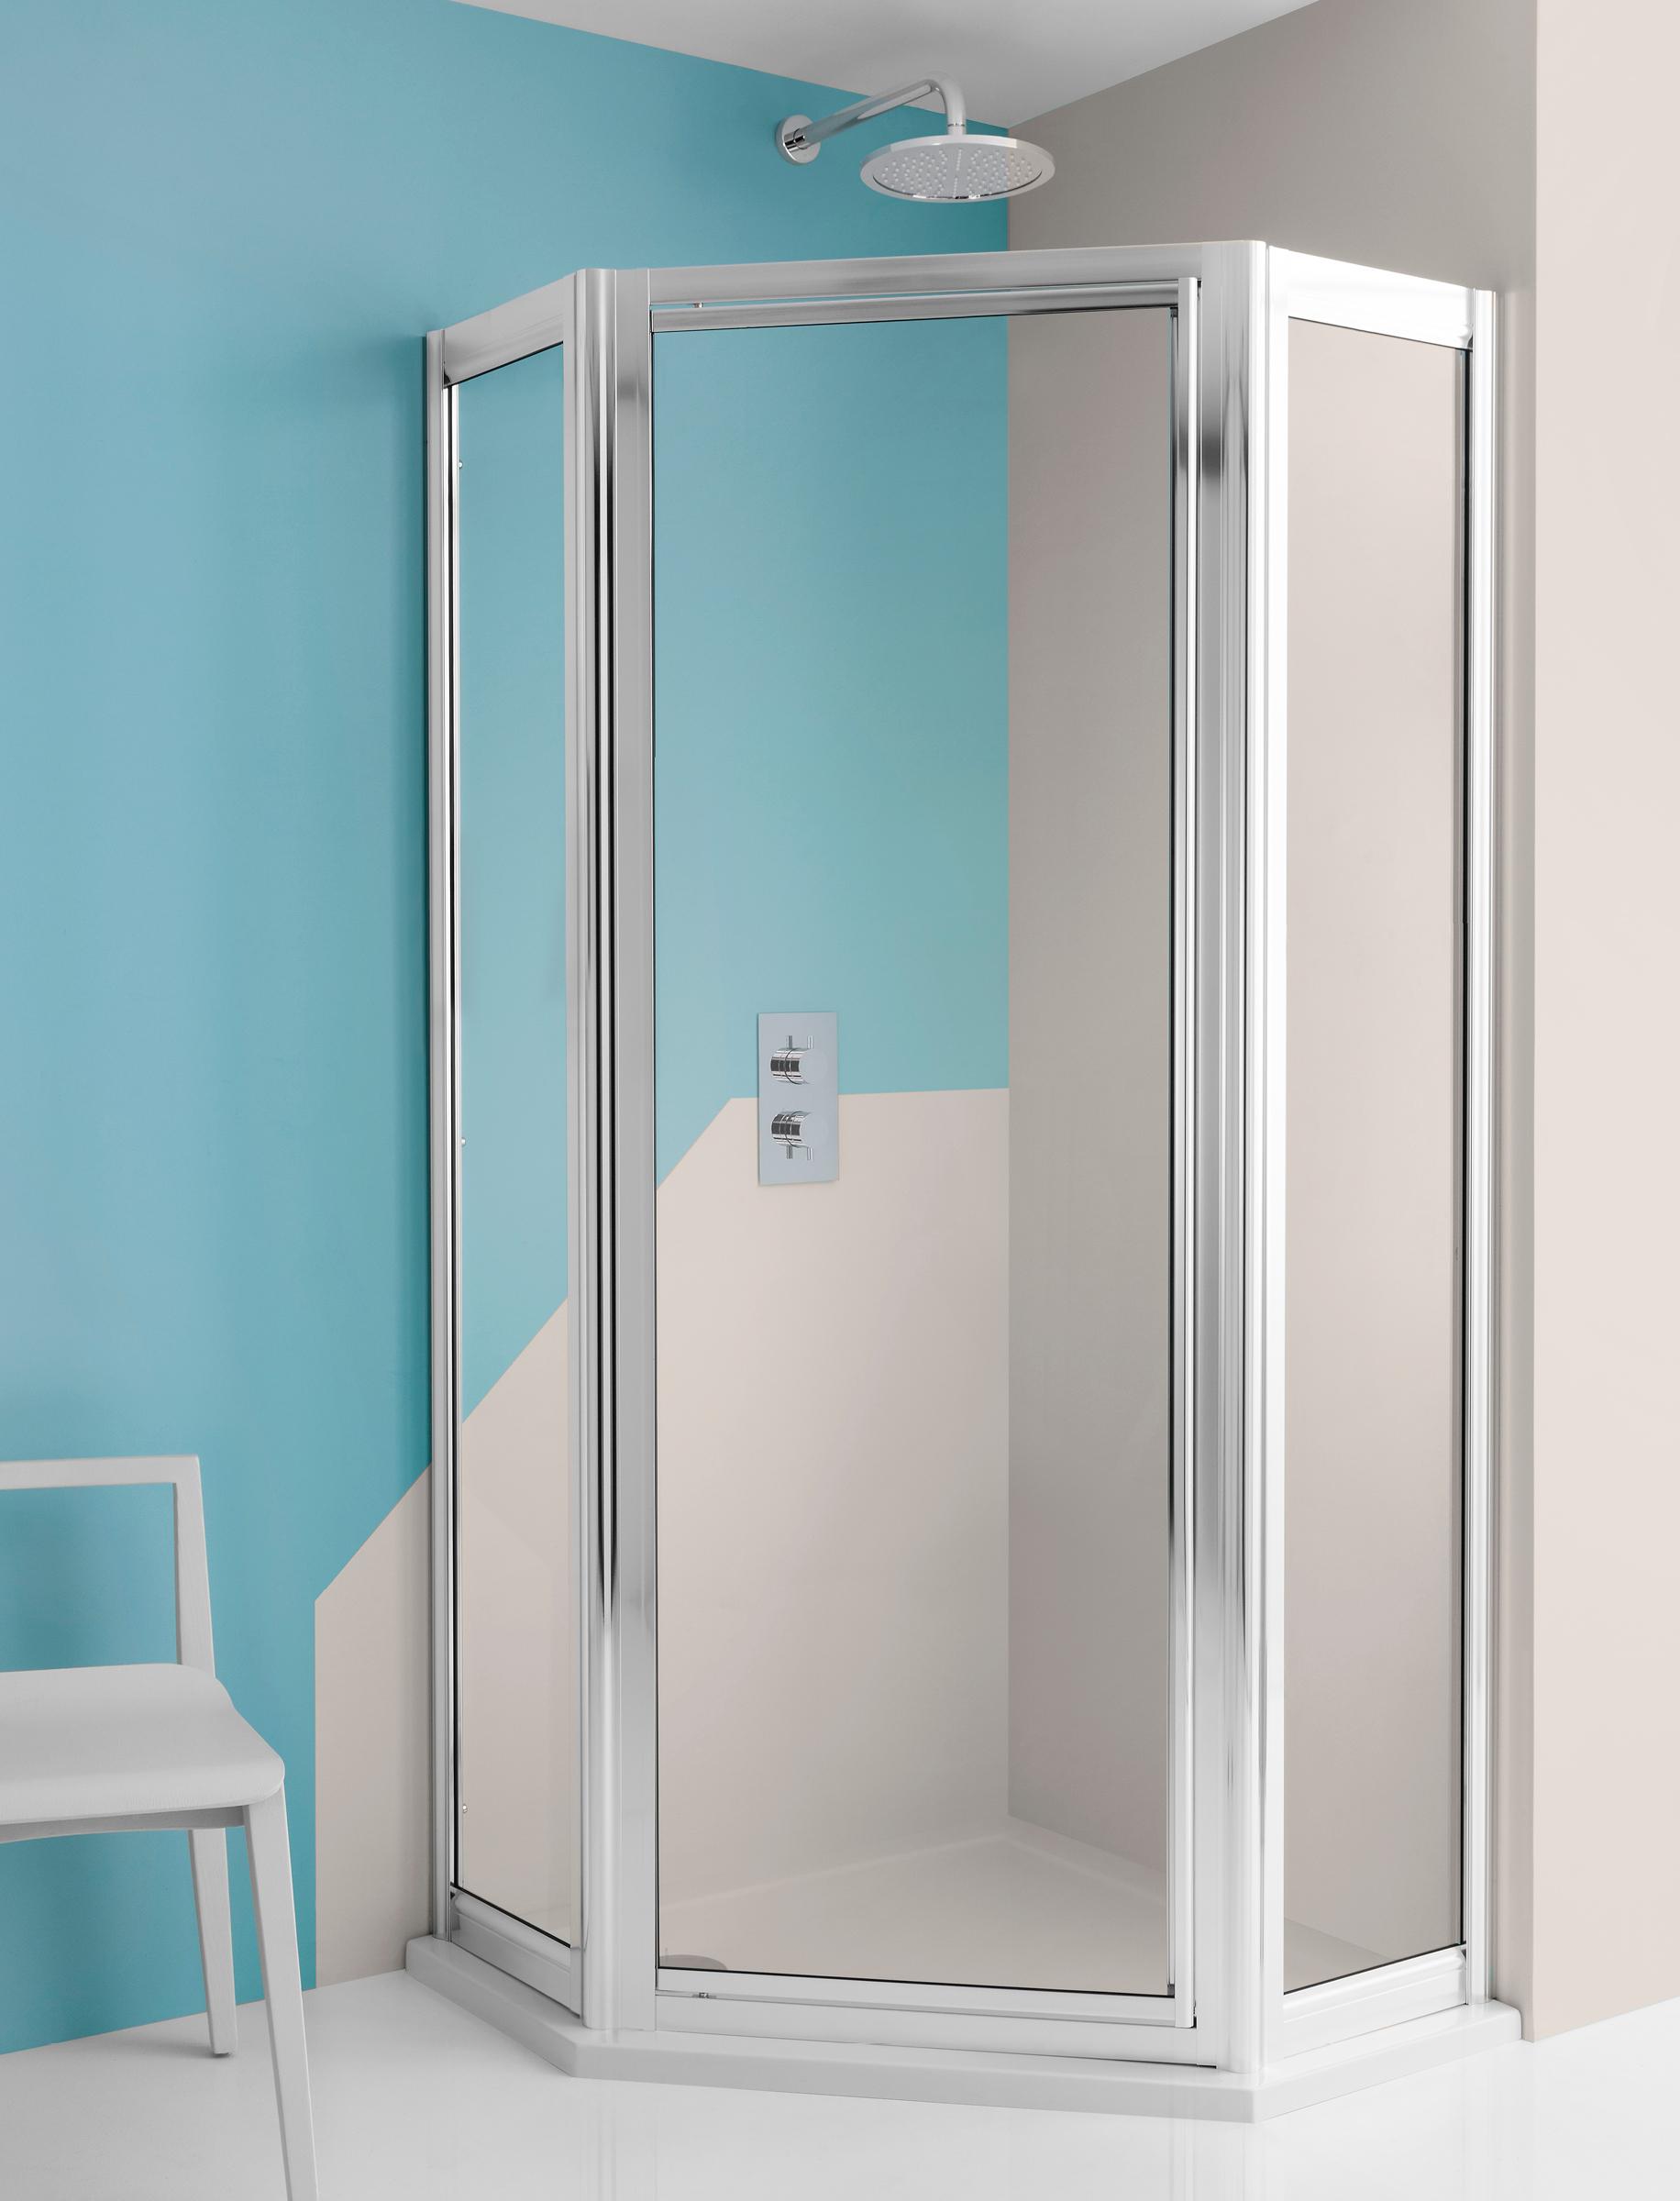 Supreme Pentagon Shower Enclosure in Framed | Luxury bathrooms UK ...